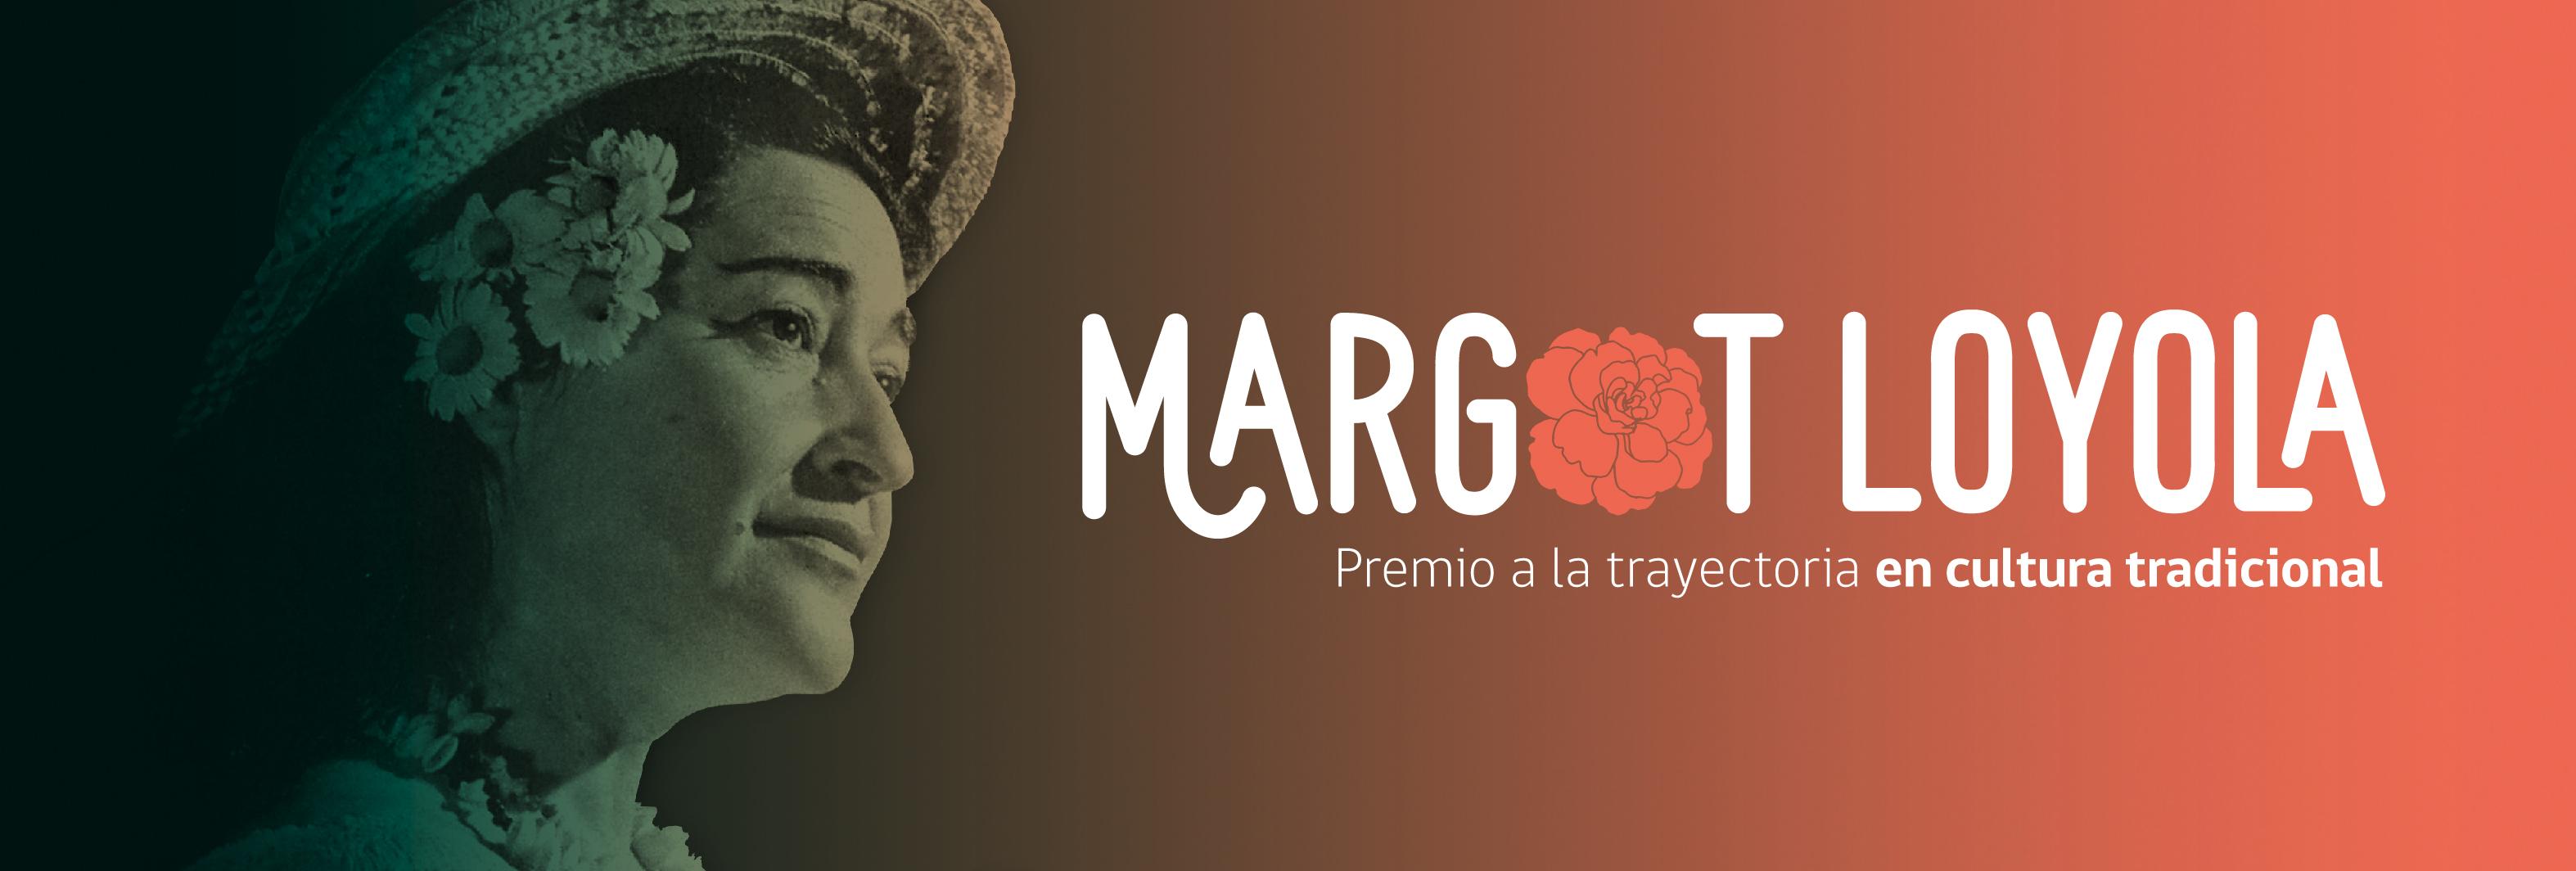 Premio a la Trayectoria en Cultura Tradicional Margot Loyola Palacios 2019